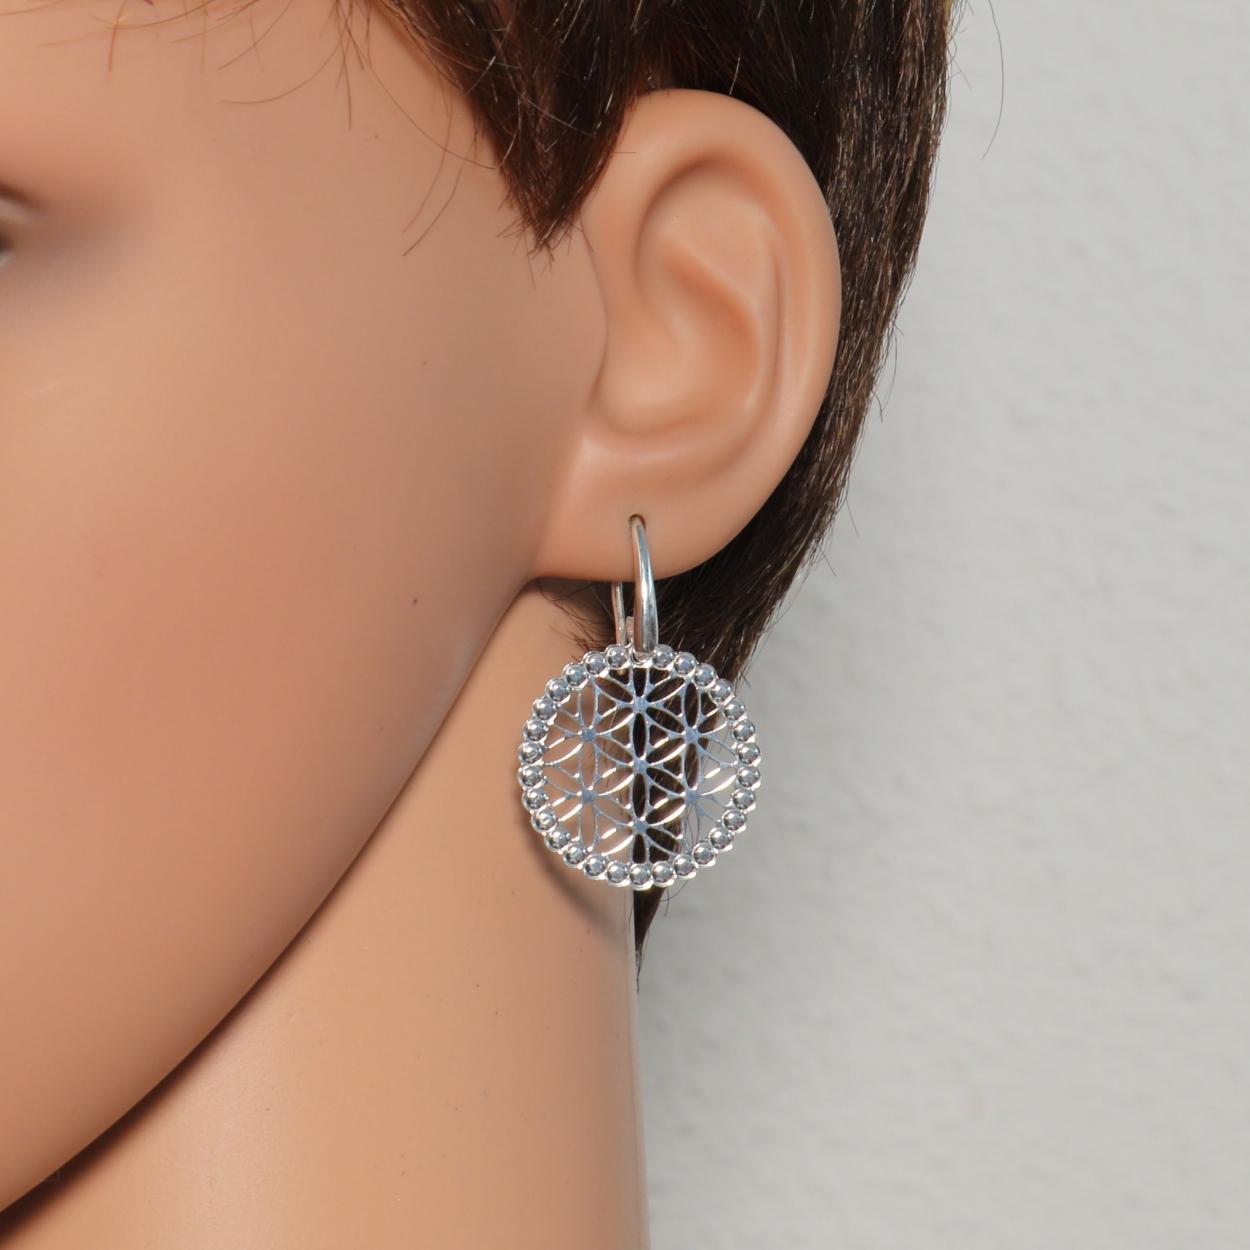 Boucles d oreilles fleur de vie en Argent 925 Rhodié Ref. 41129 1604799ed0a